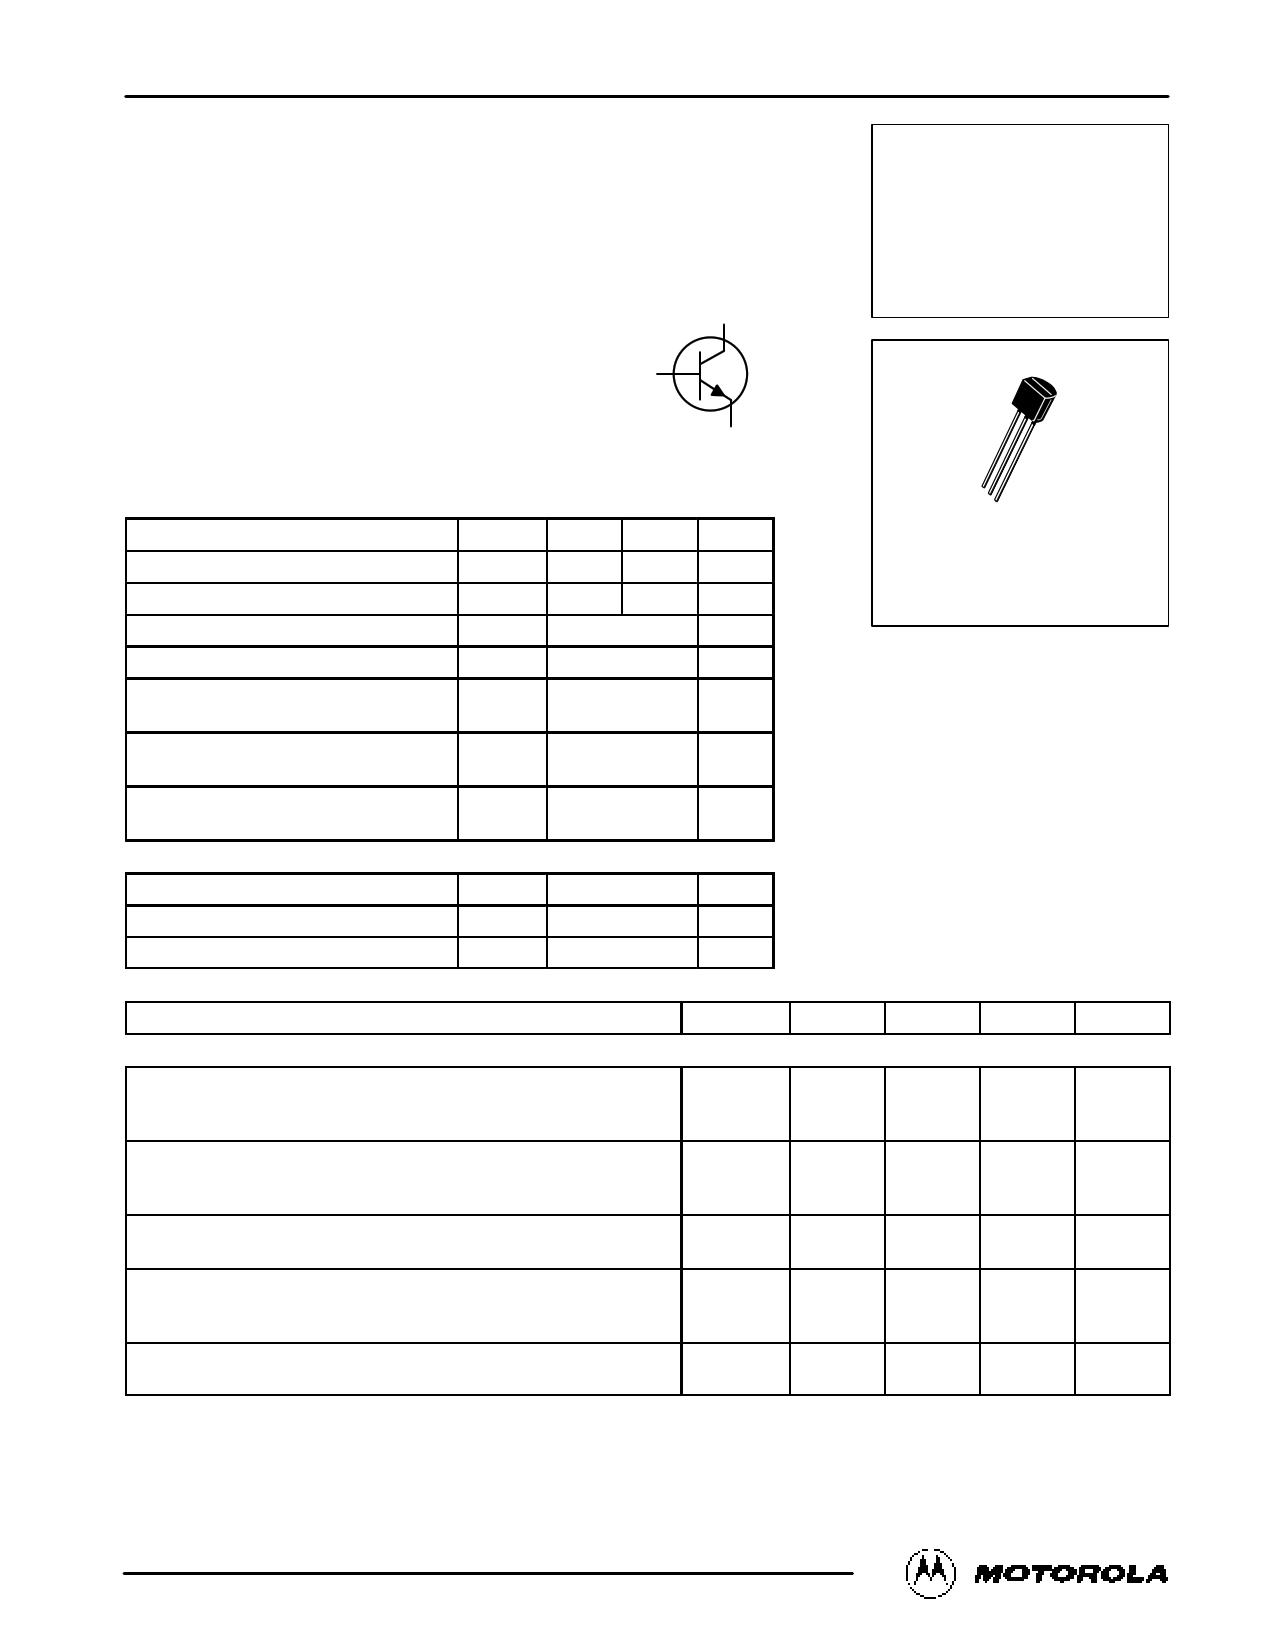 BC549B 데이터시트 및 BC549B PDF